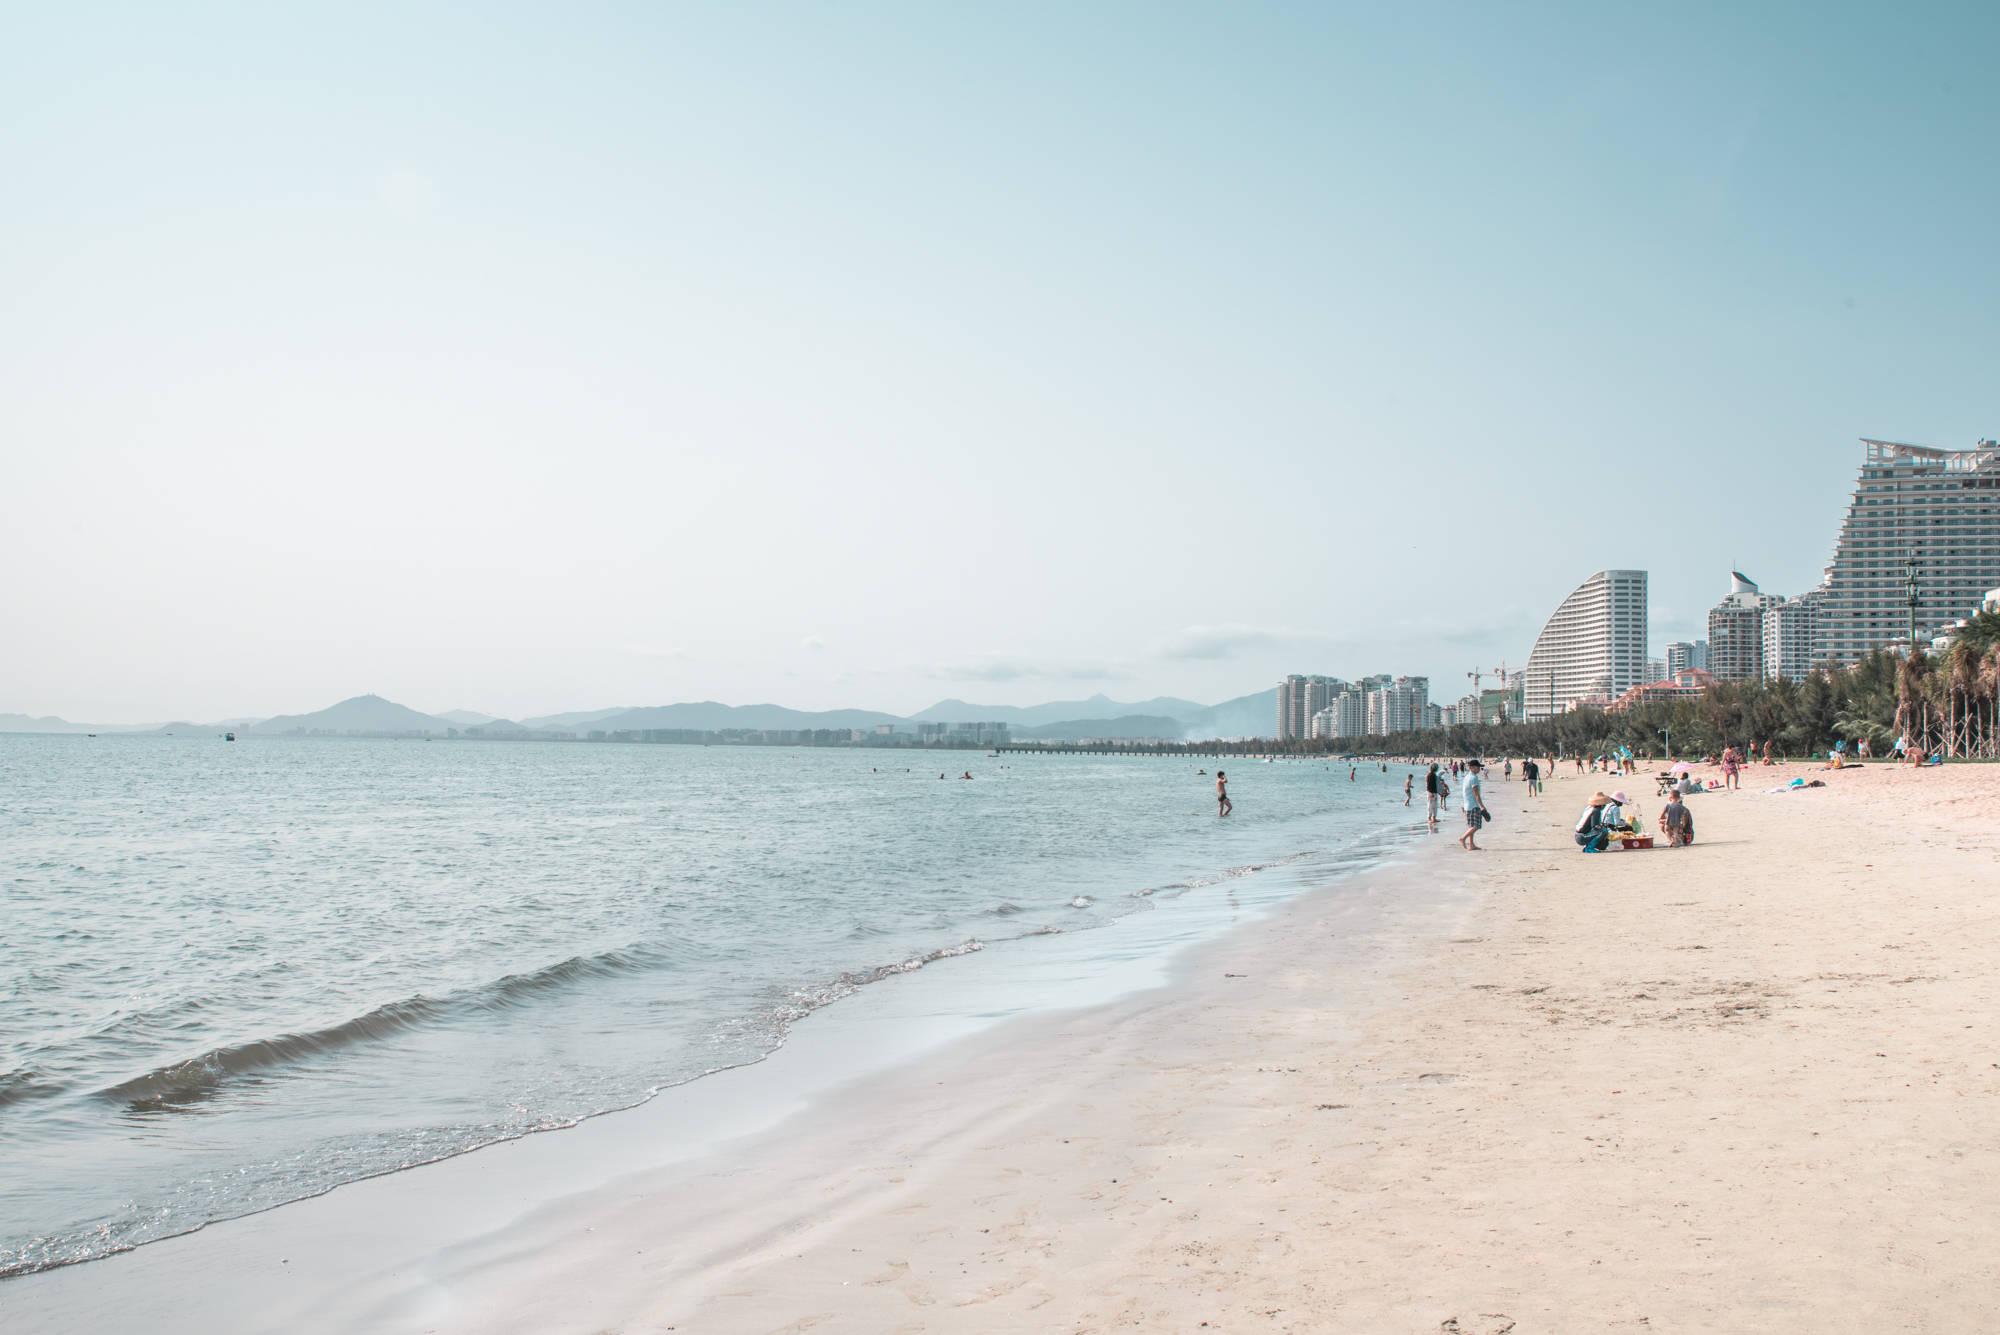 三亚这三大海湾,三亚湾、大东海、亚龙湾,哪个海滩最适合你呢?_潜水